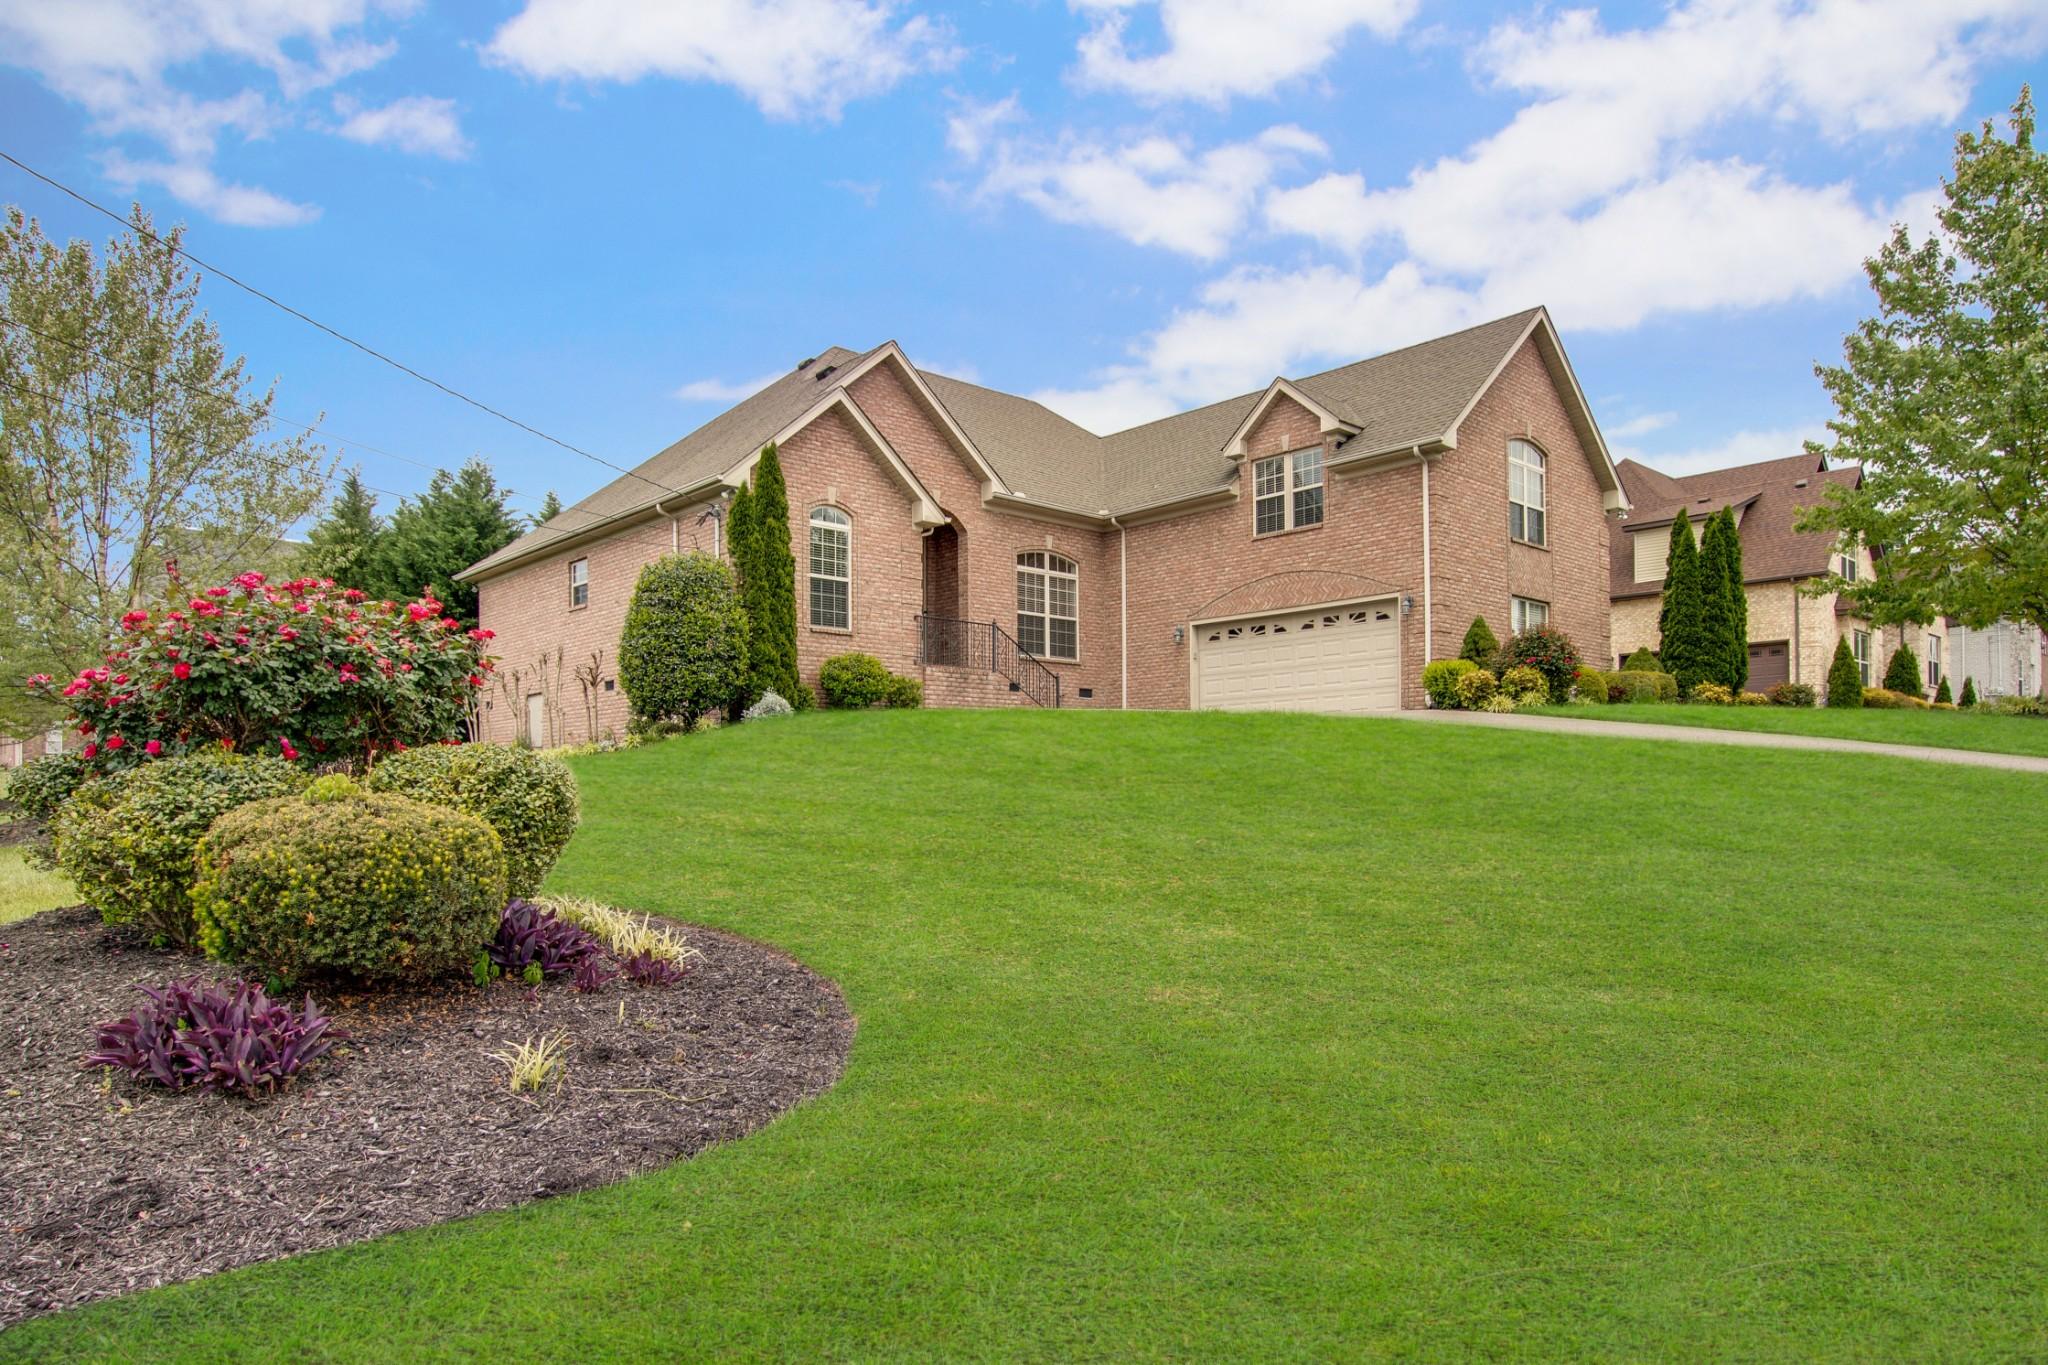 1001 Lily Ann Ct, LA VERGNE, TN 37086 - LA VERGNE, TN real estate listing